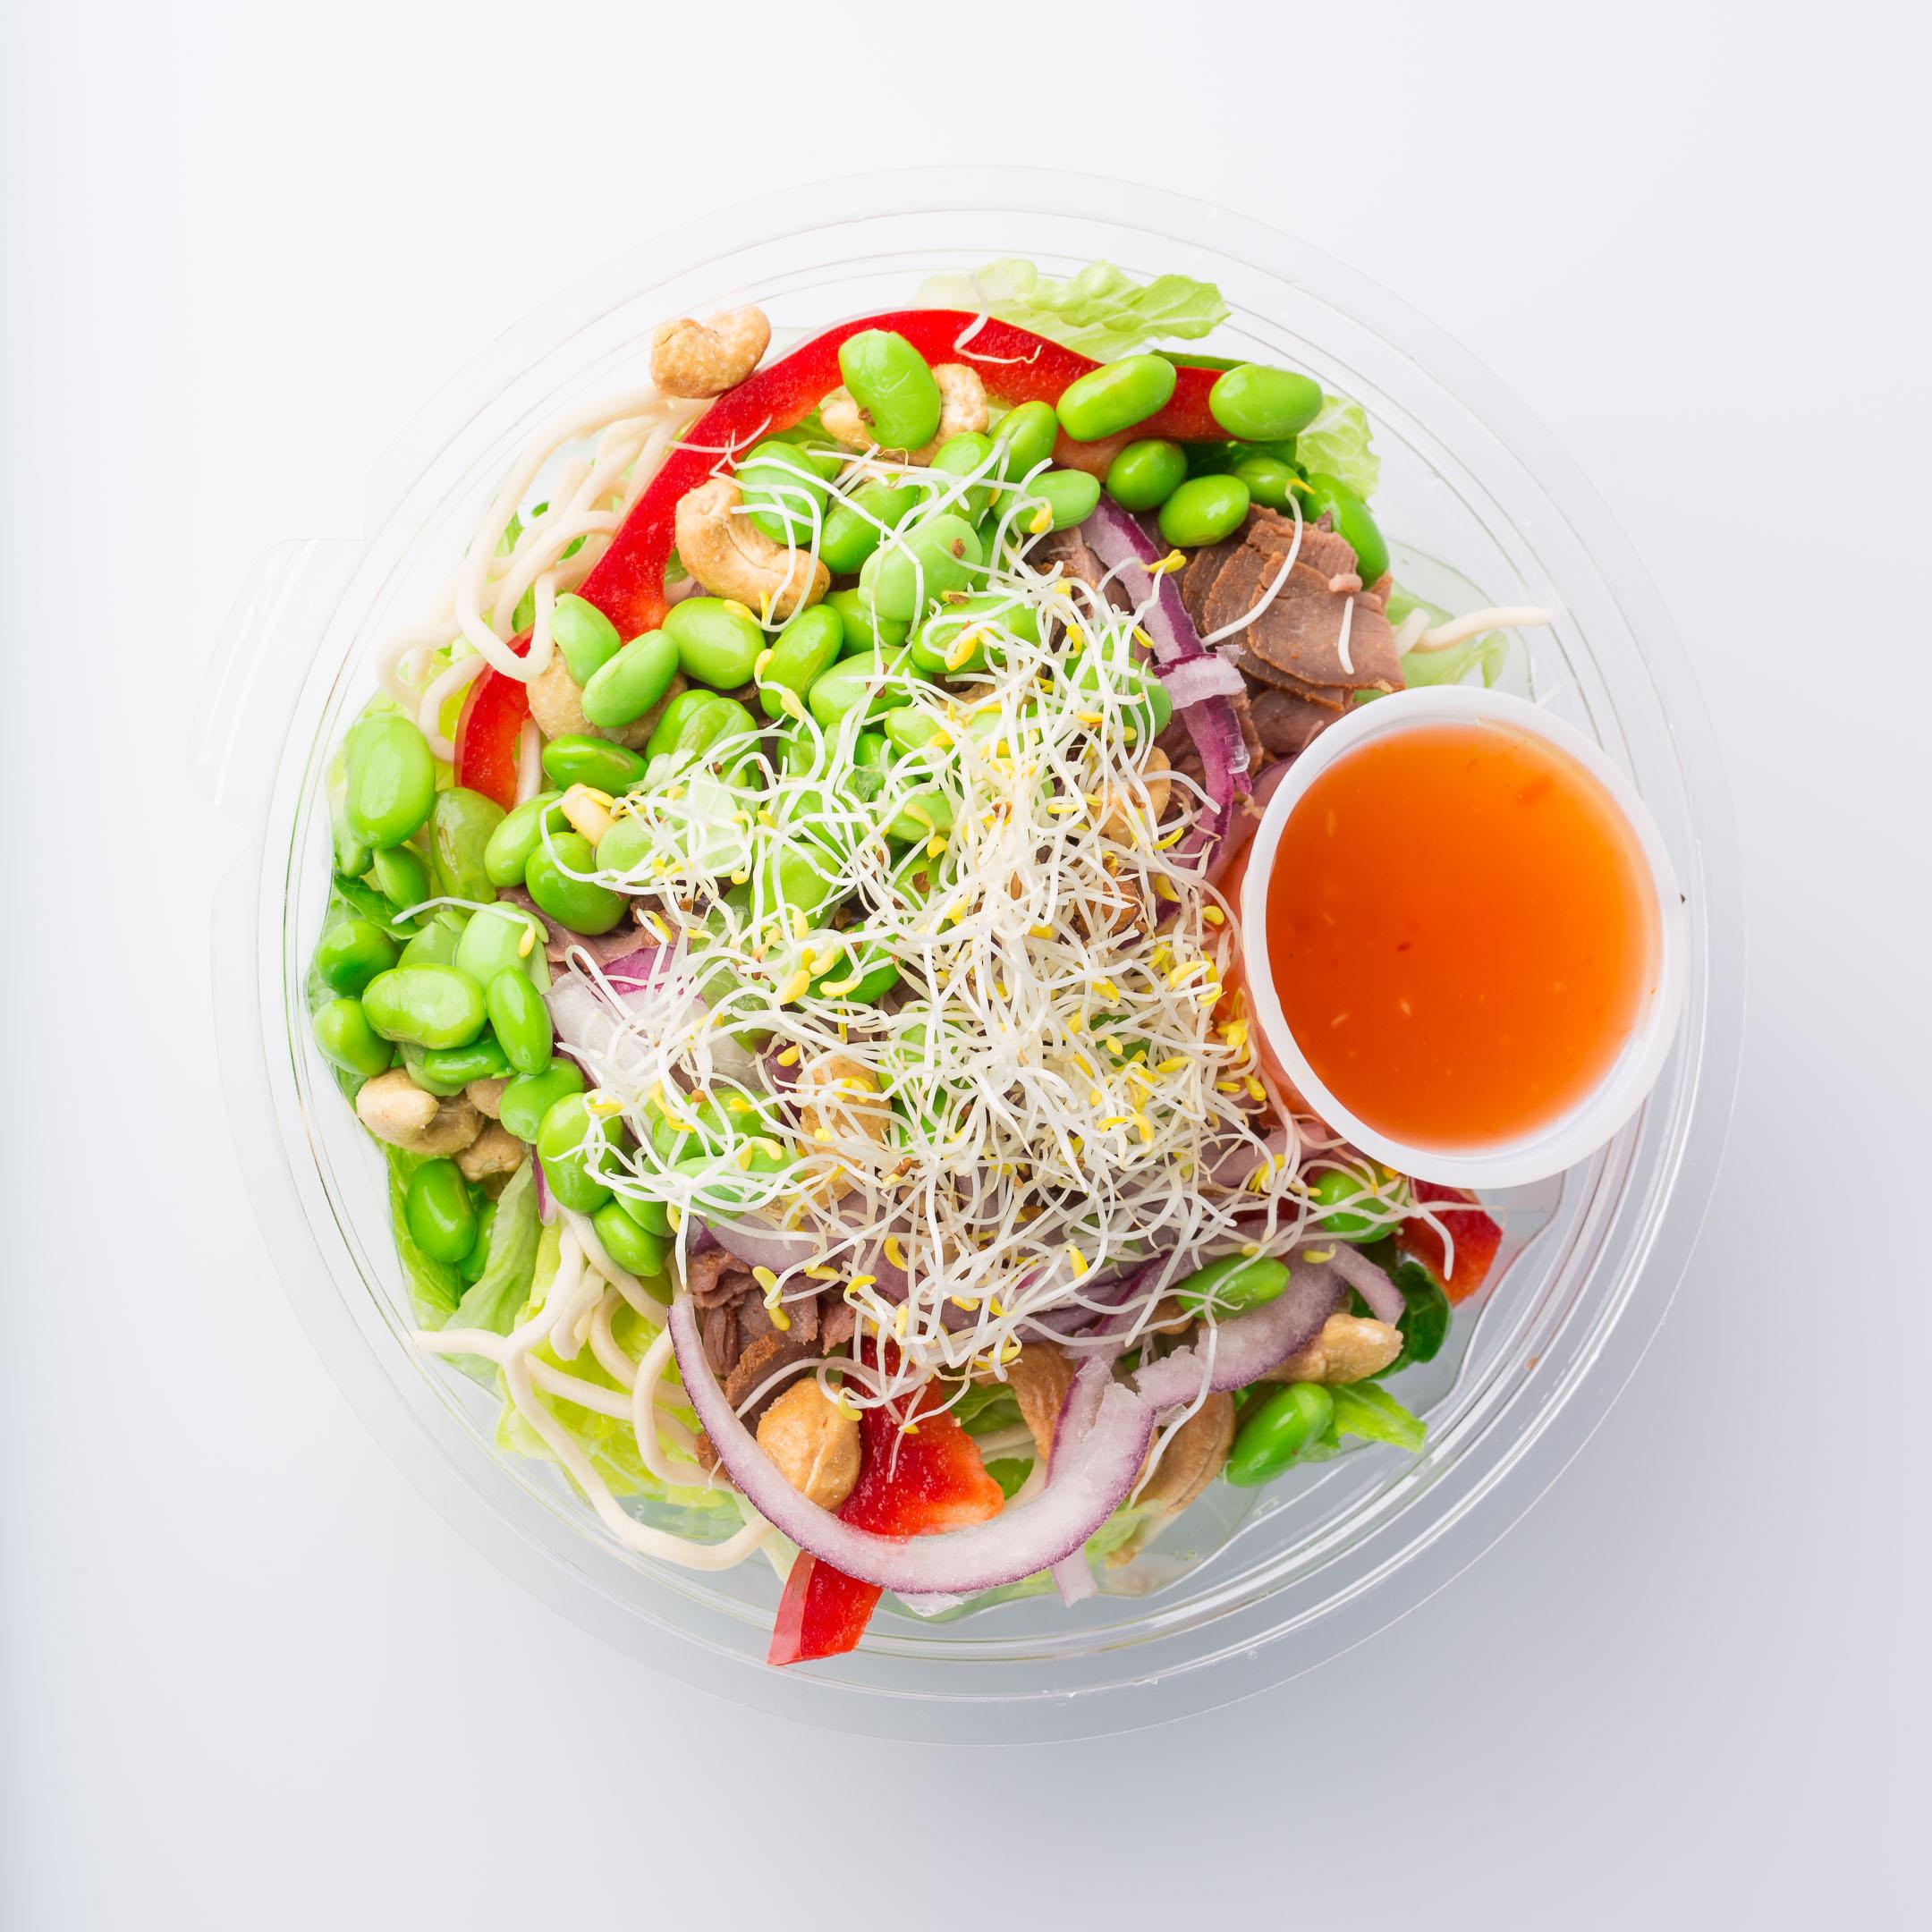 Gröntogott sallad produktfoto